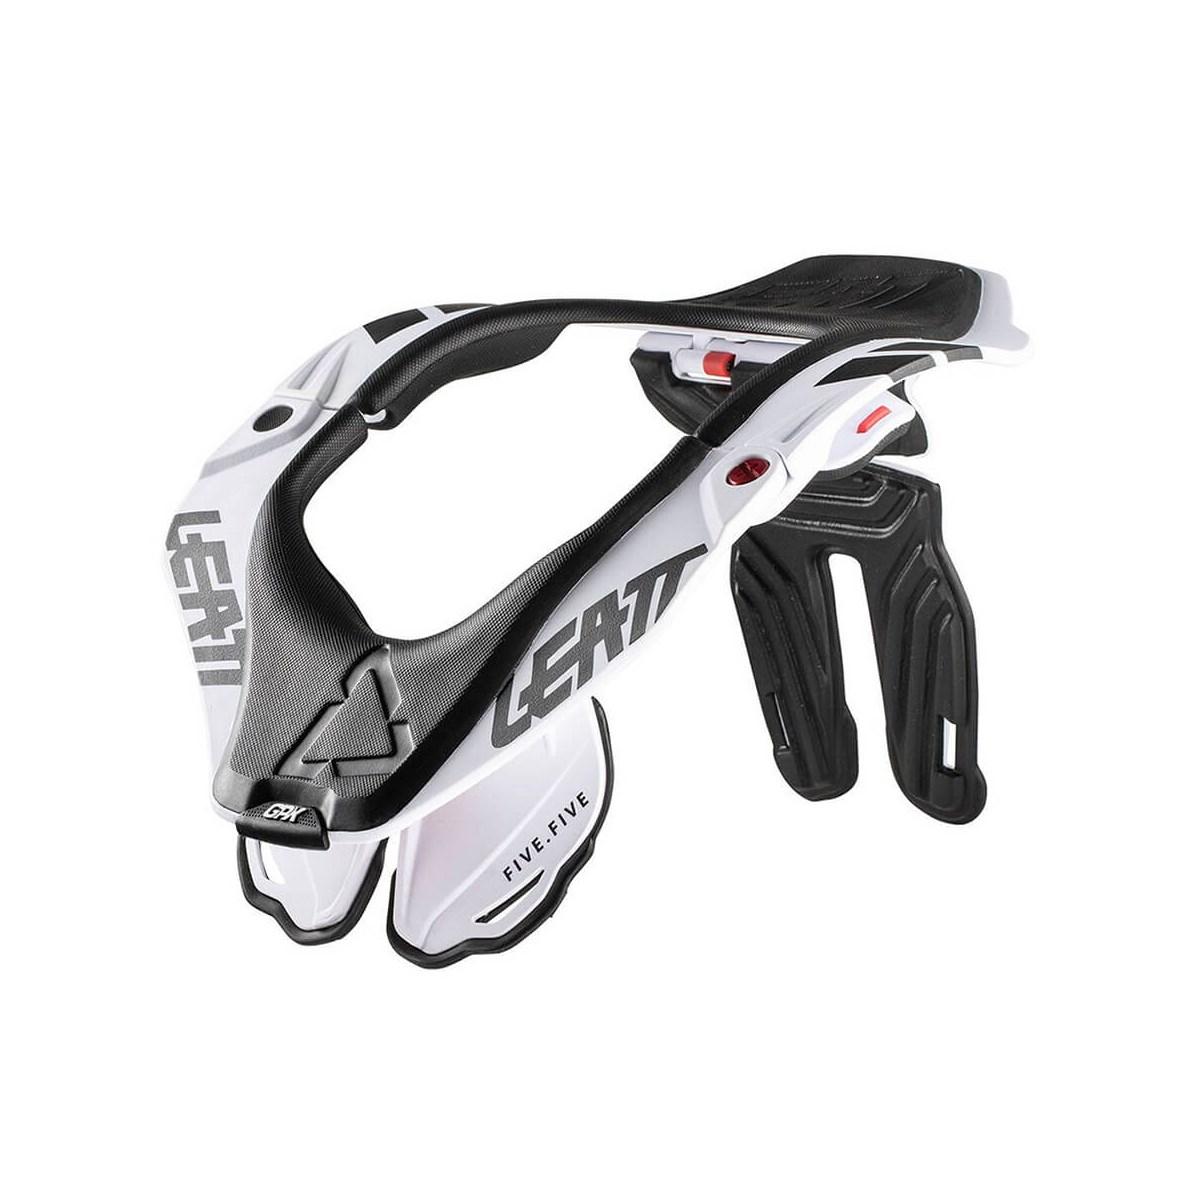 Protetor de Pescoço Leatt Brace GPX 5.5